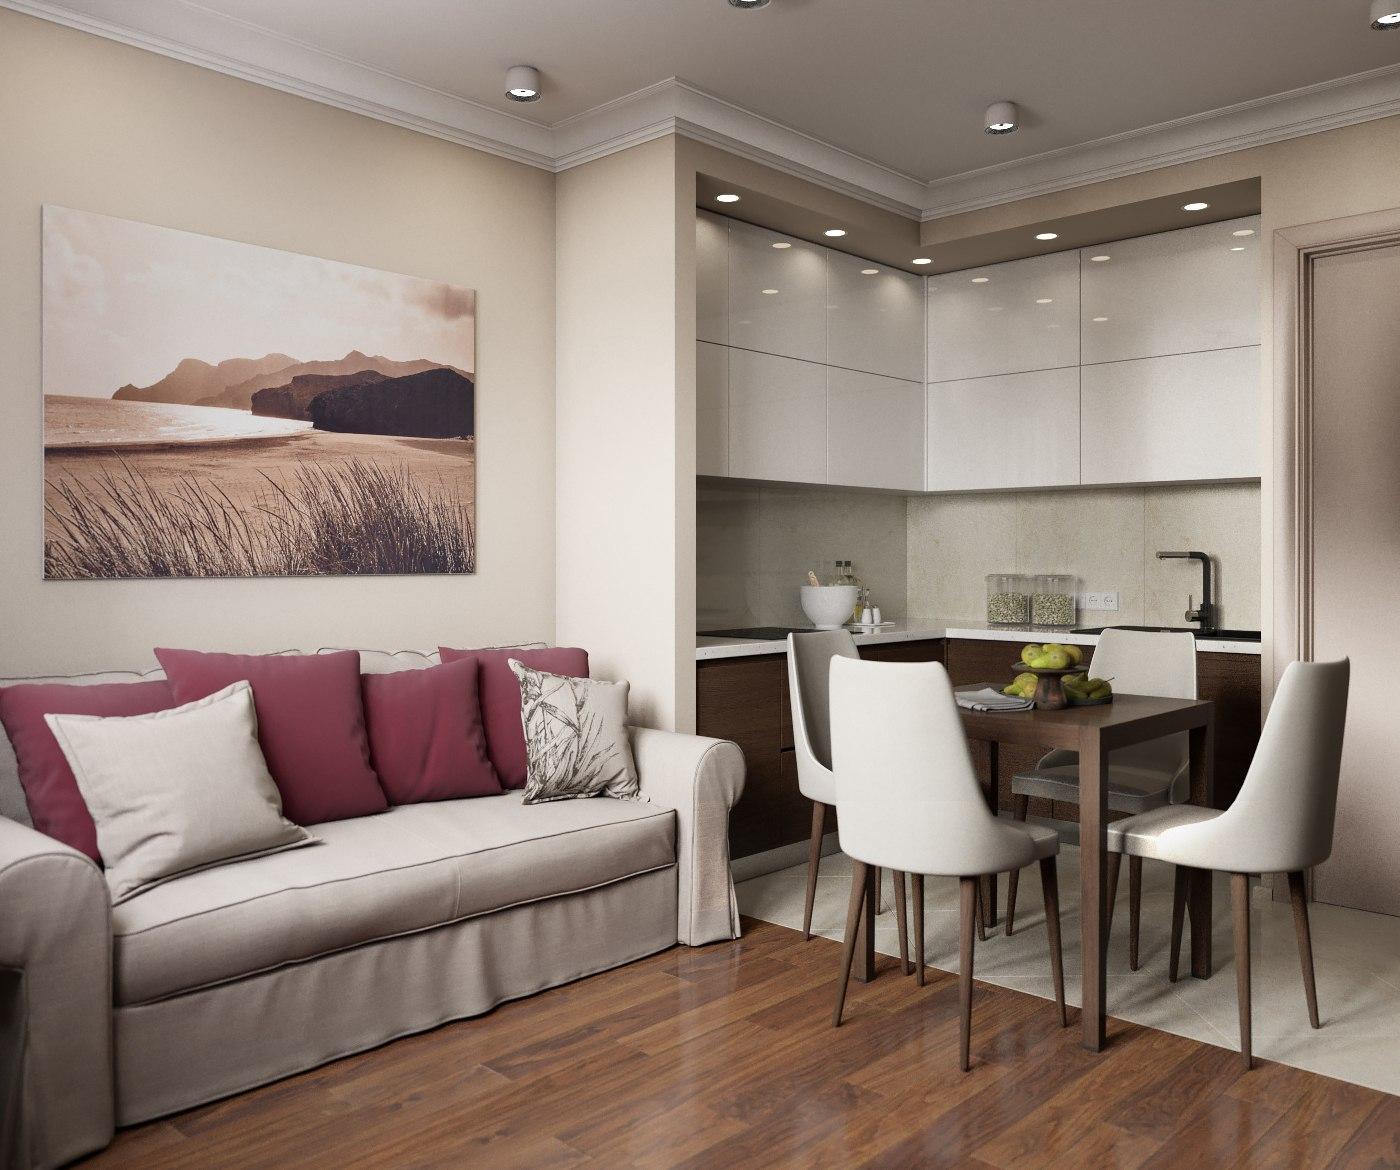 аспект реальные фото кухонь с диваном изобилие